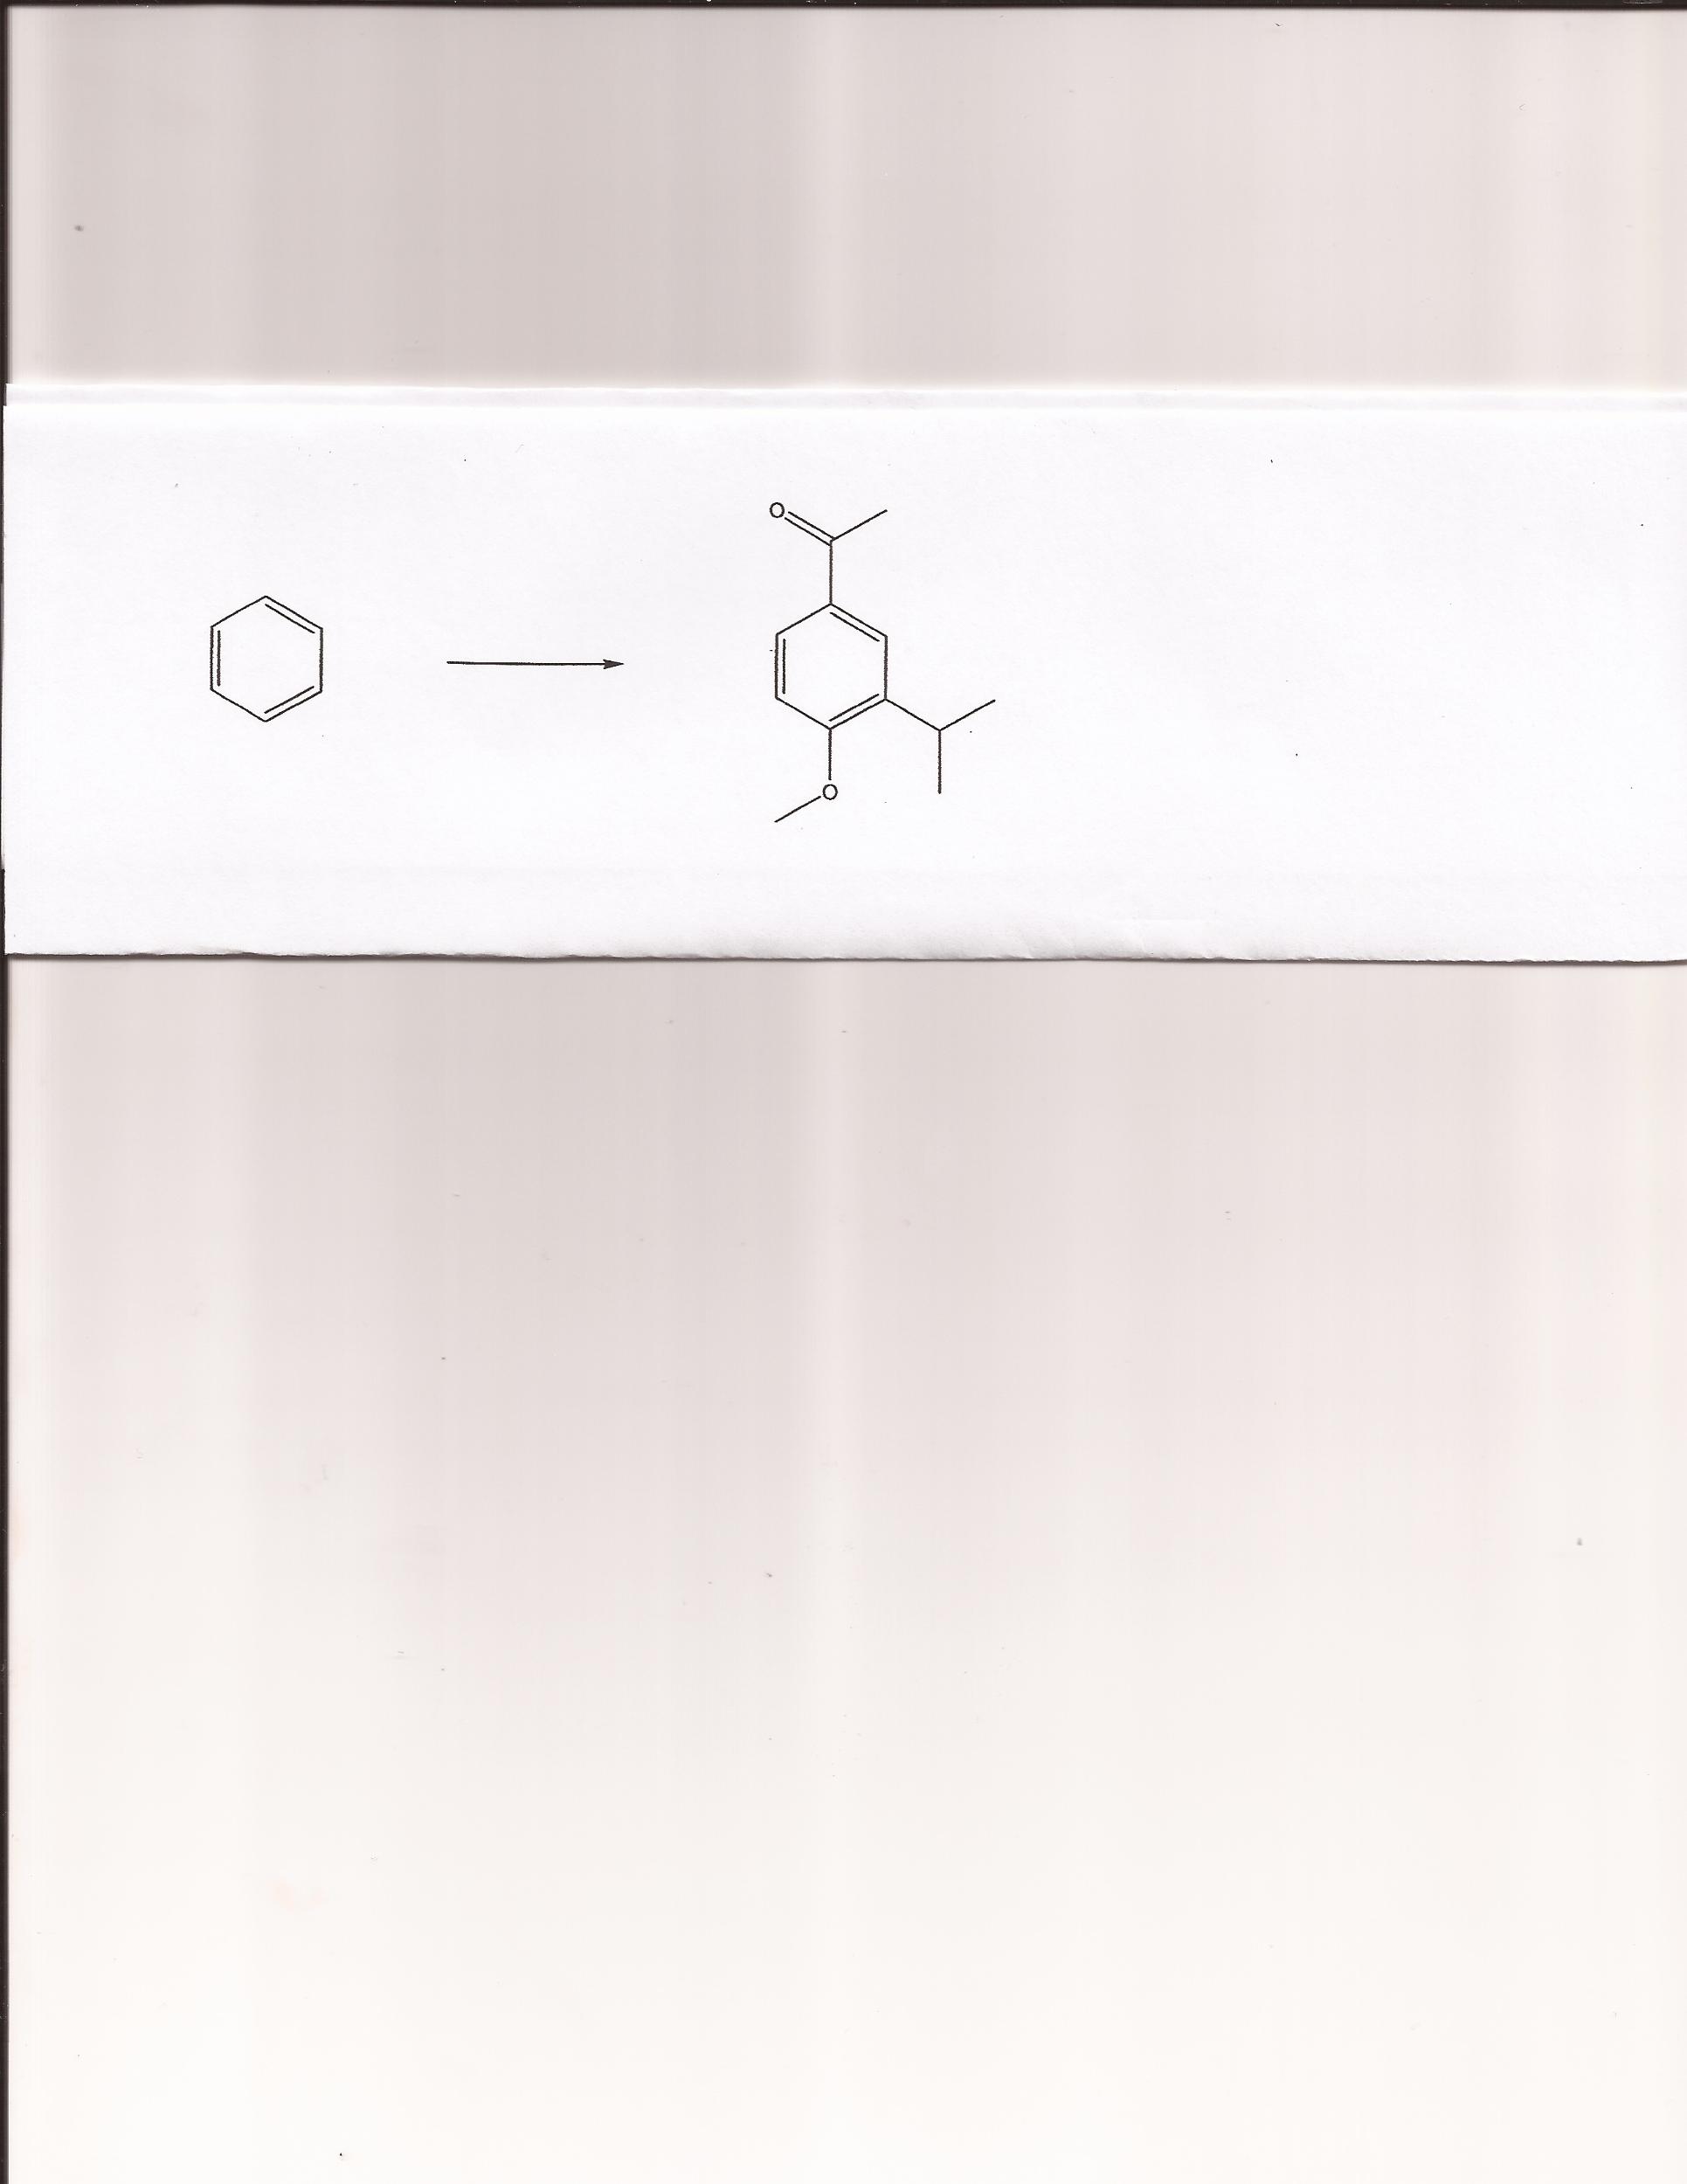 Holt chemistry homework help